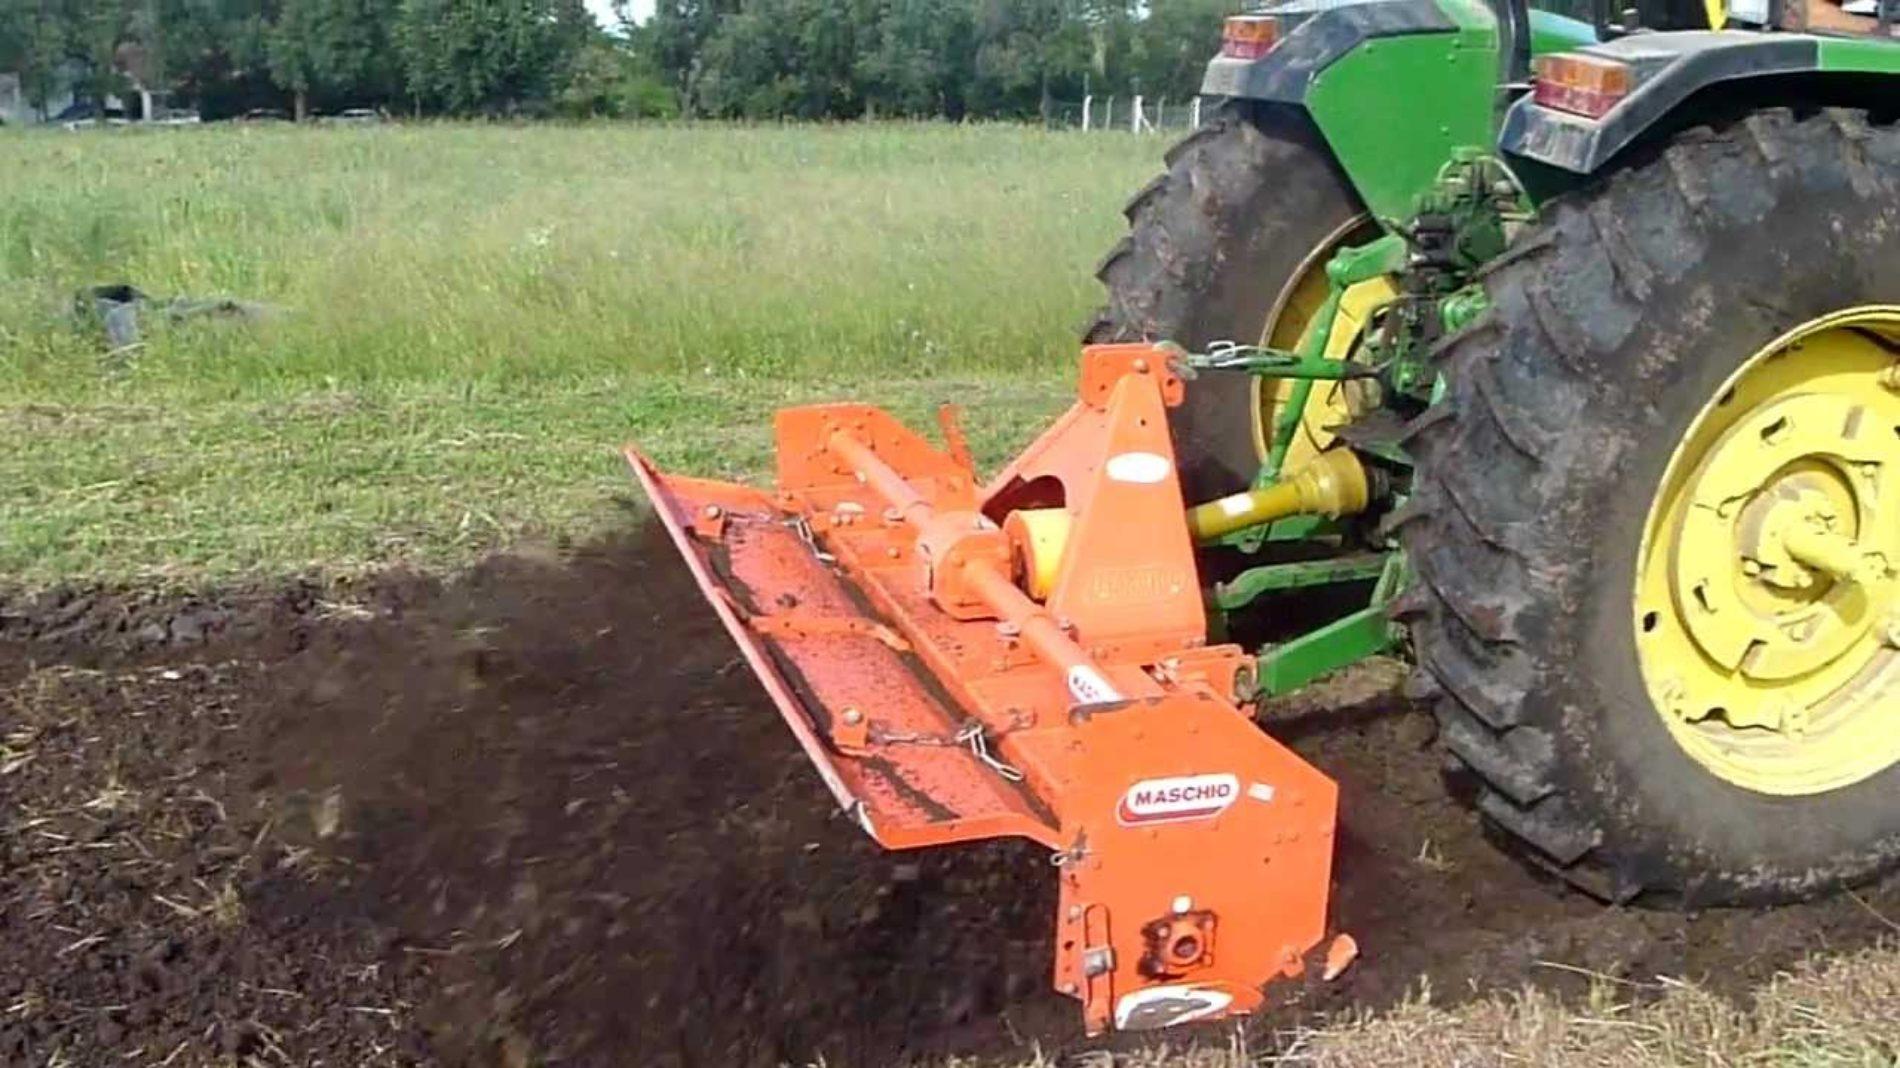 Despiste de trator agrícola provoca um morto em Viseu